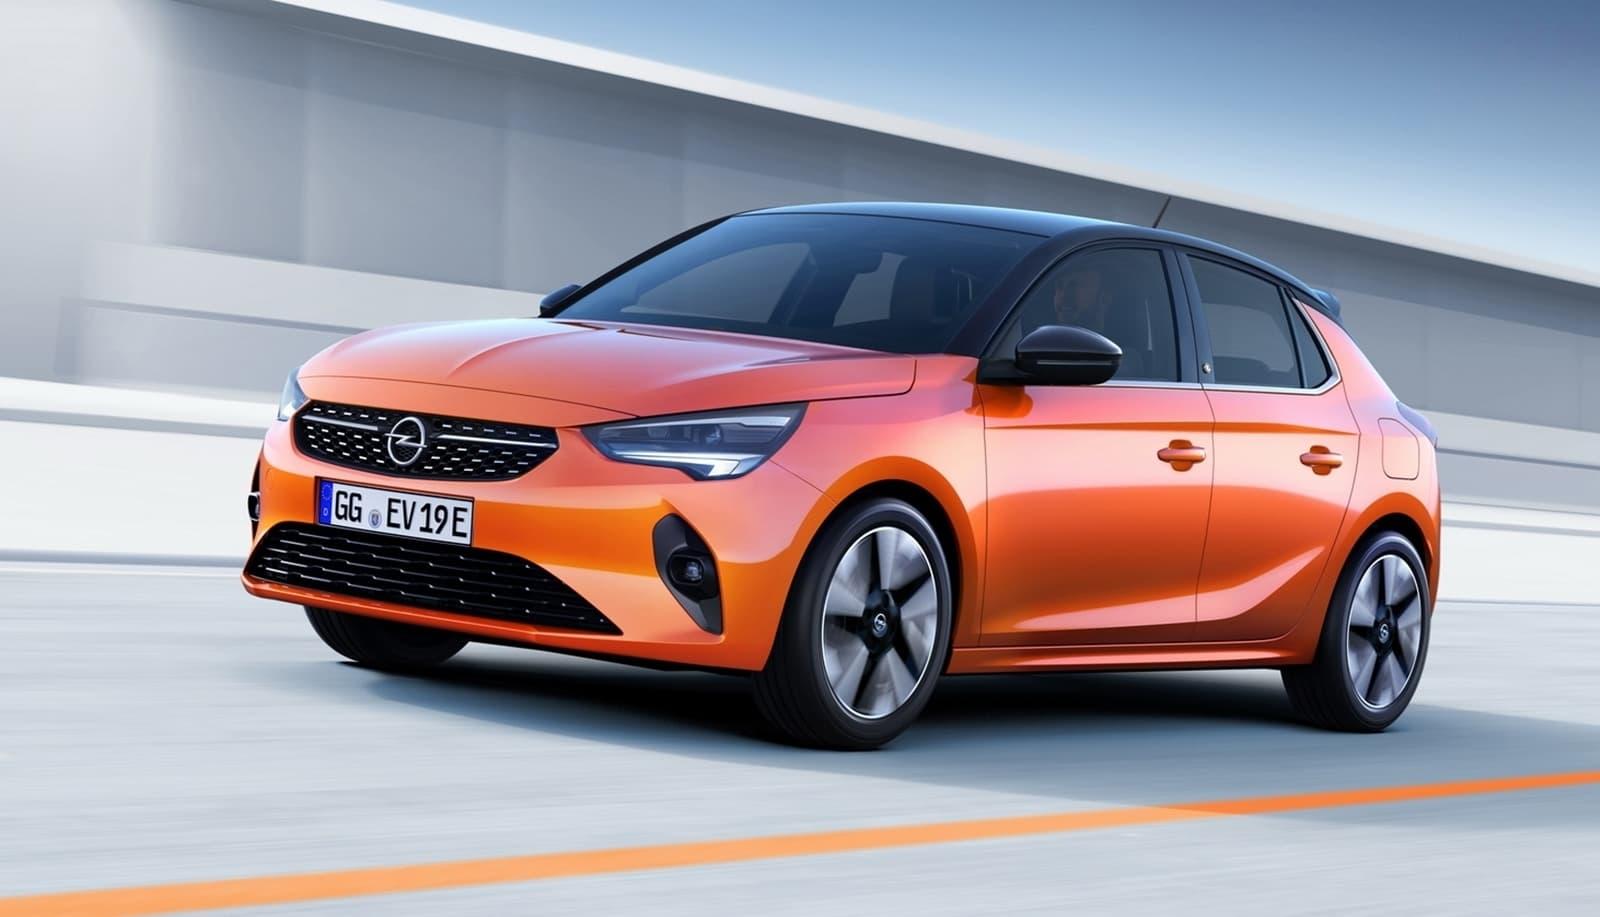 Opel Corsa E 0519 011